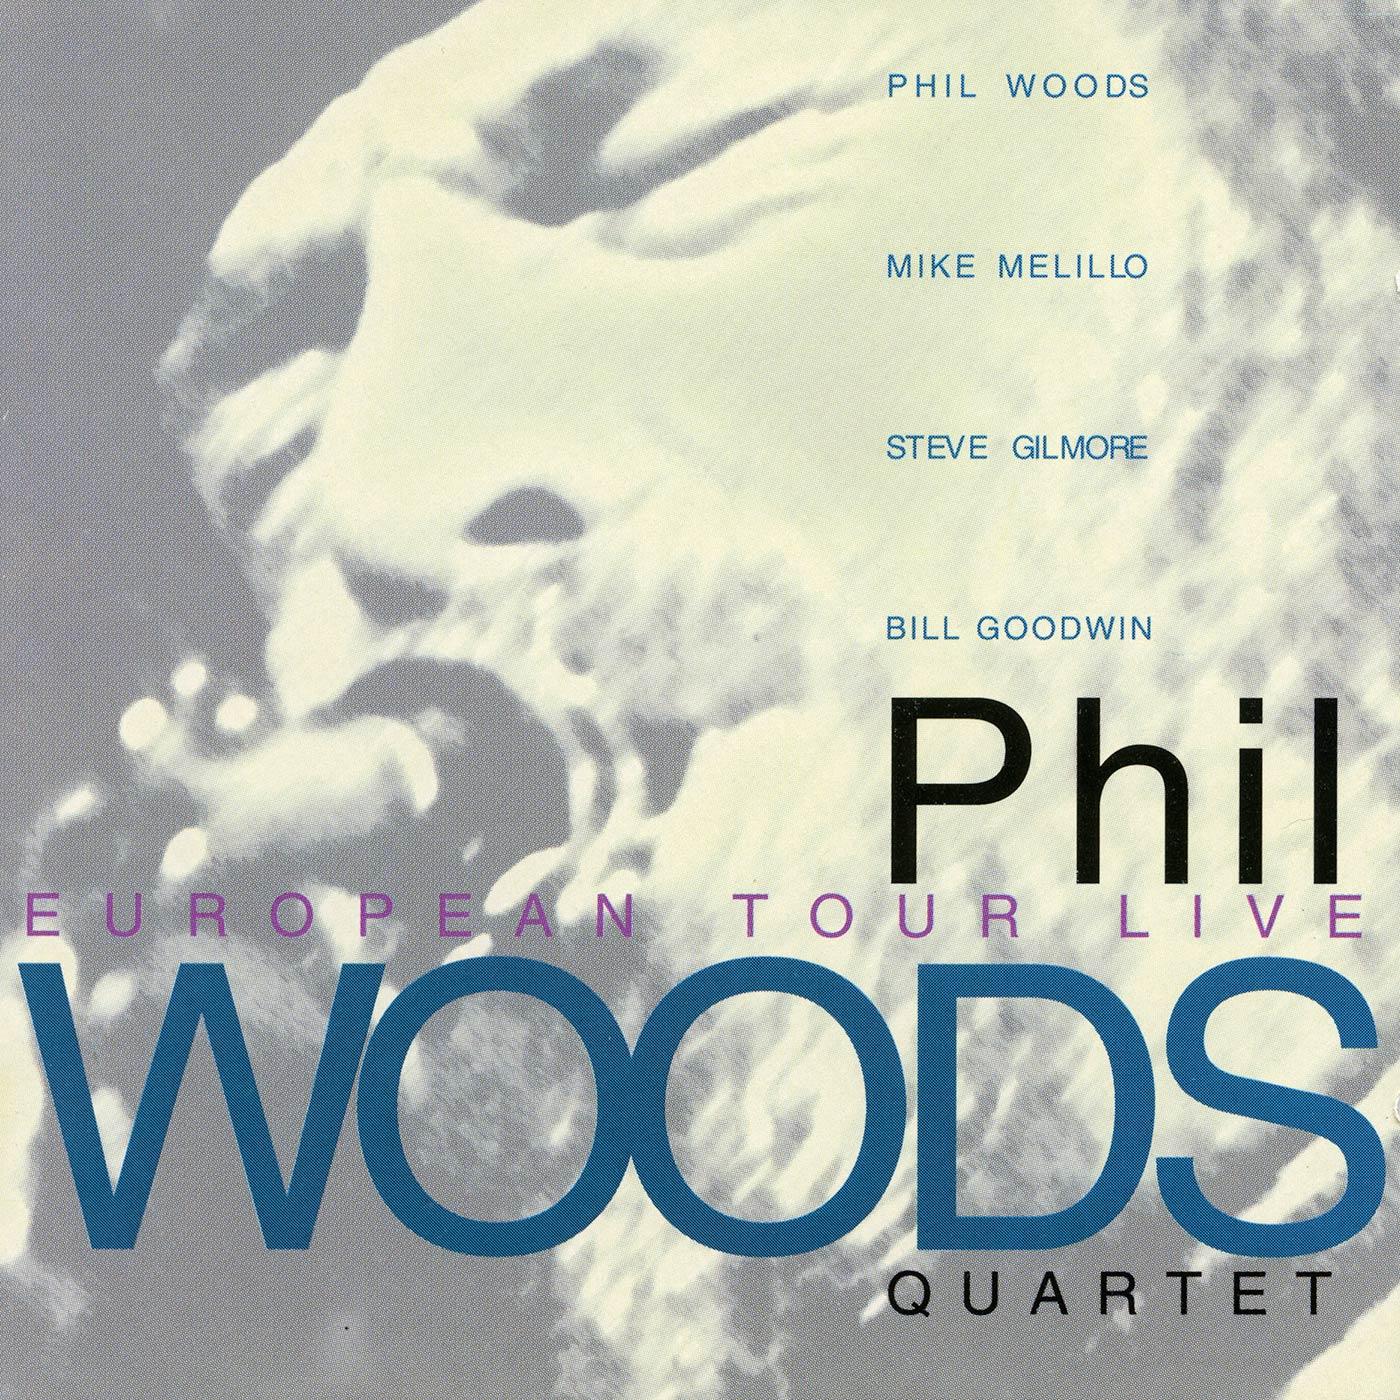 European Tour Live (2CD SET) - Phil Woods Quartet